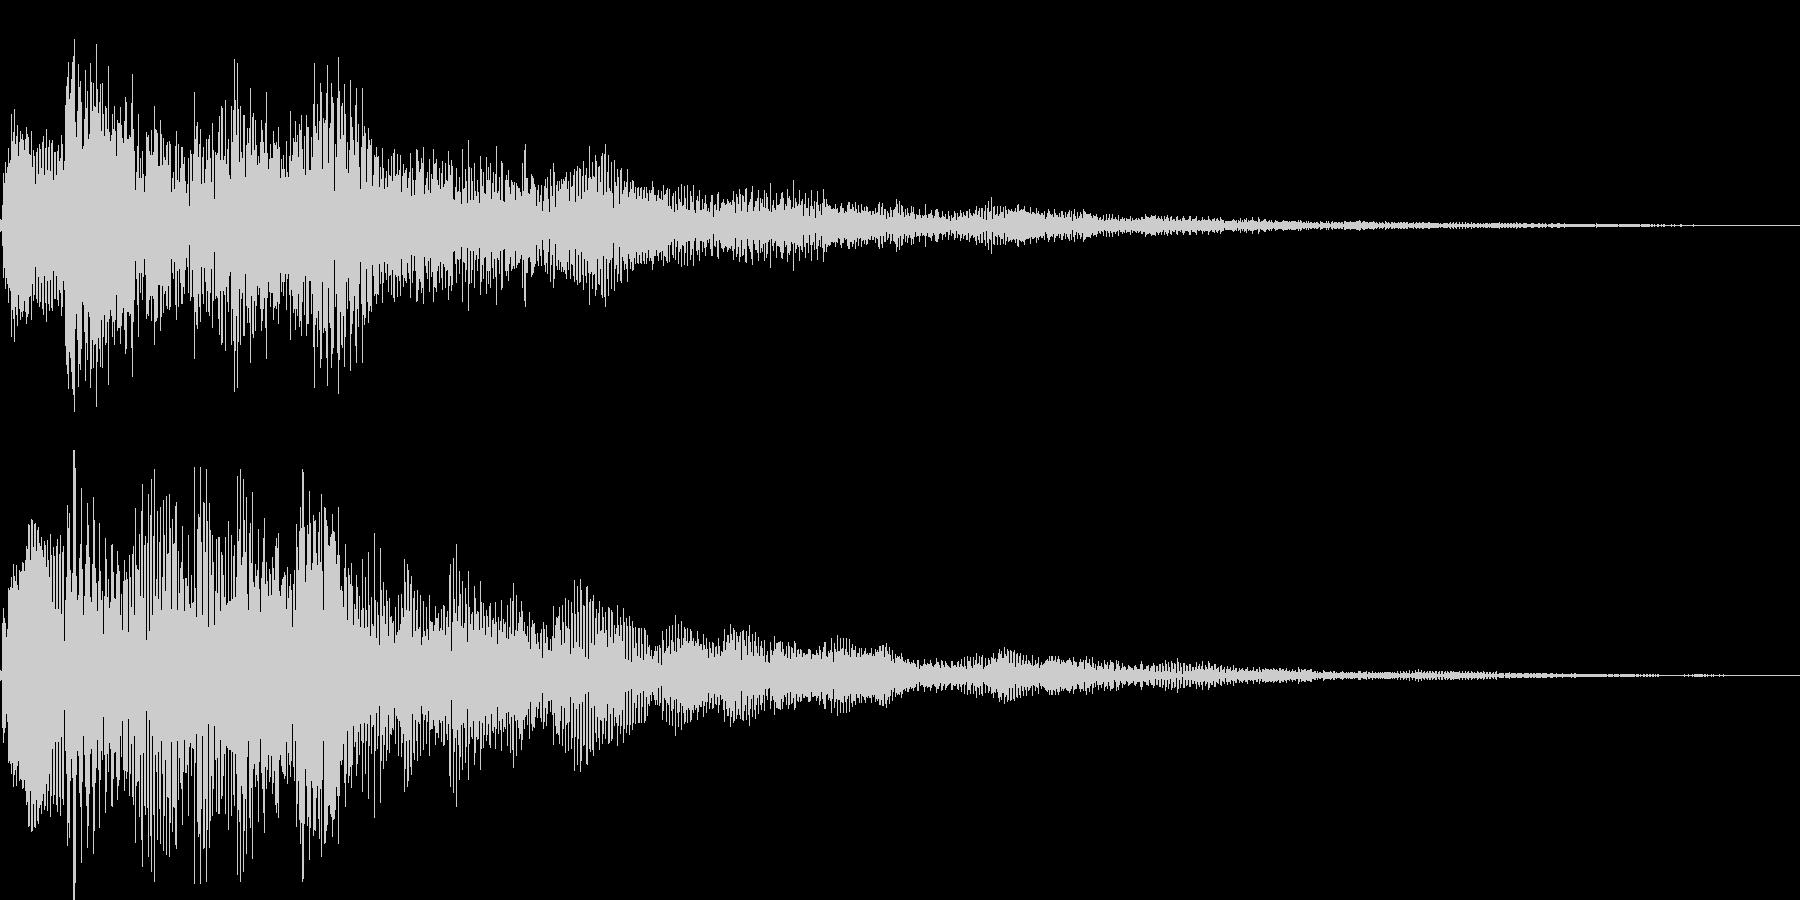 ピロロロン(タイトル表示、スワイプ)の未再生の波形